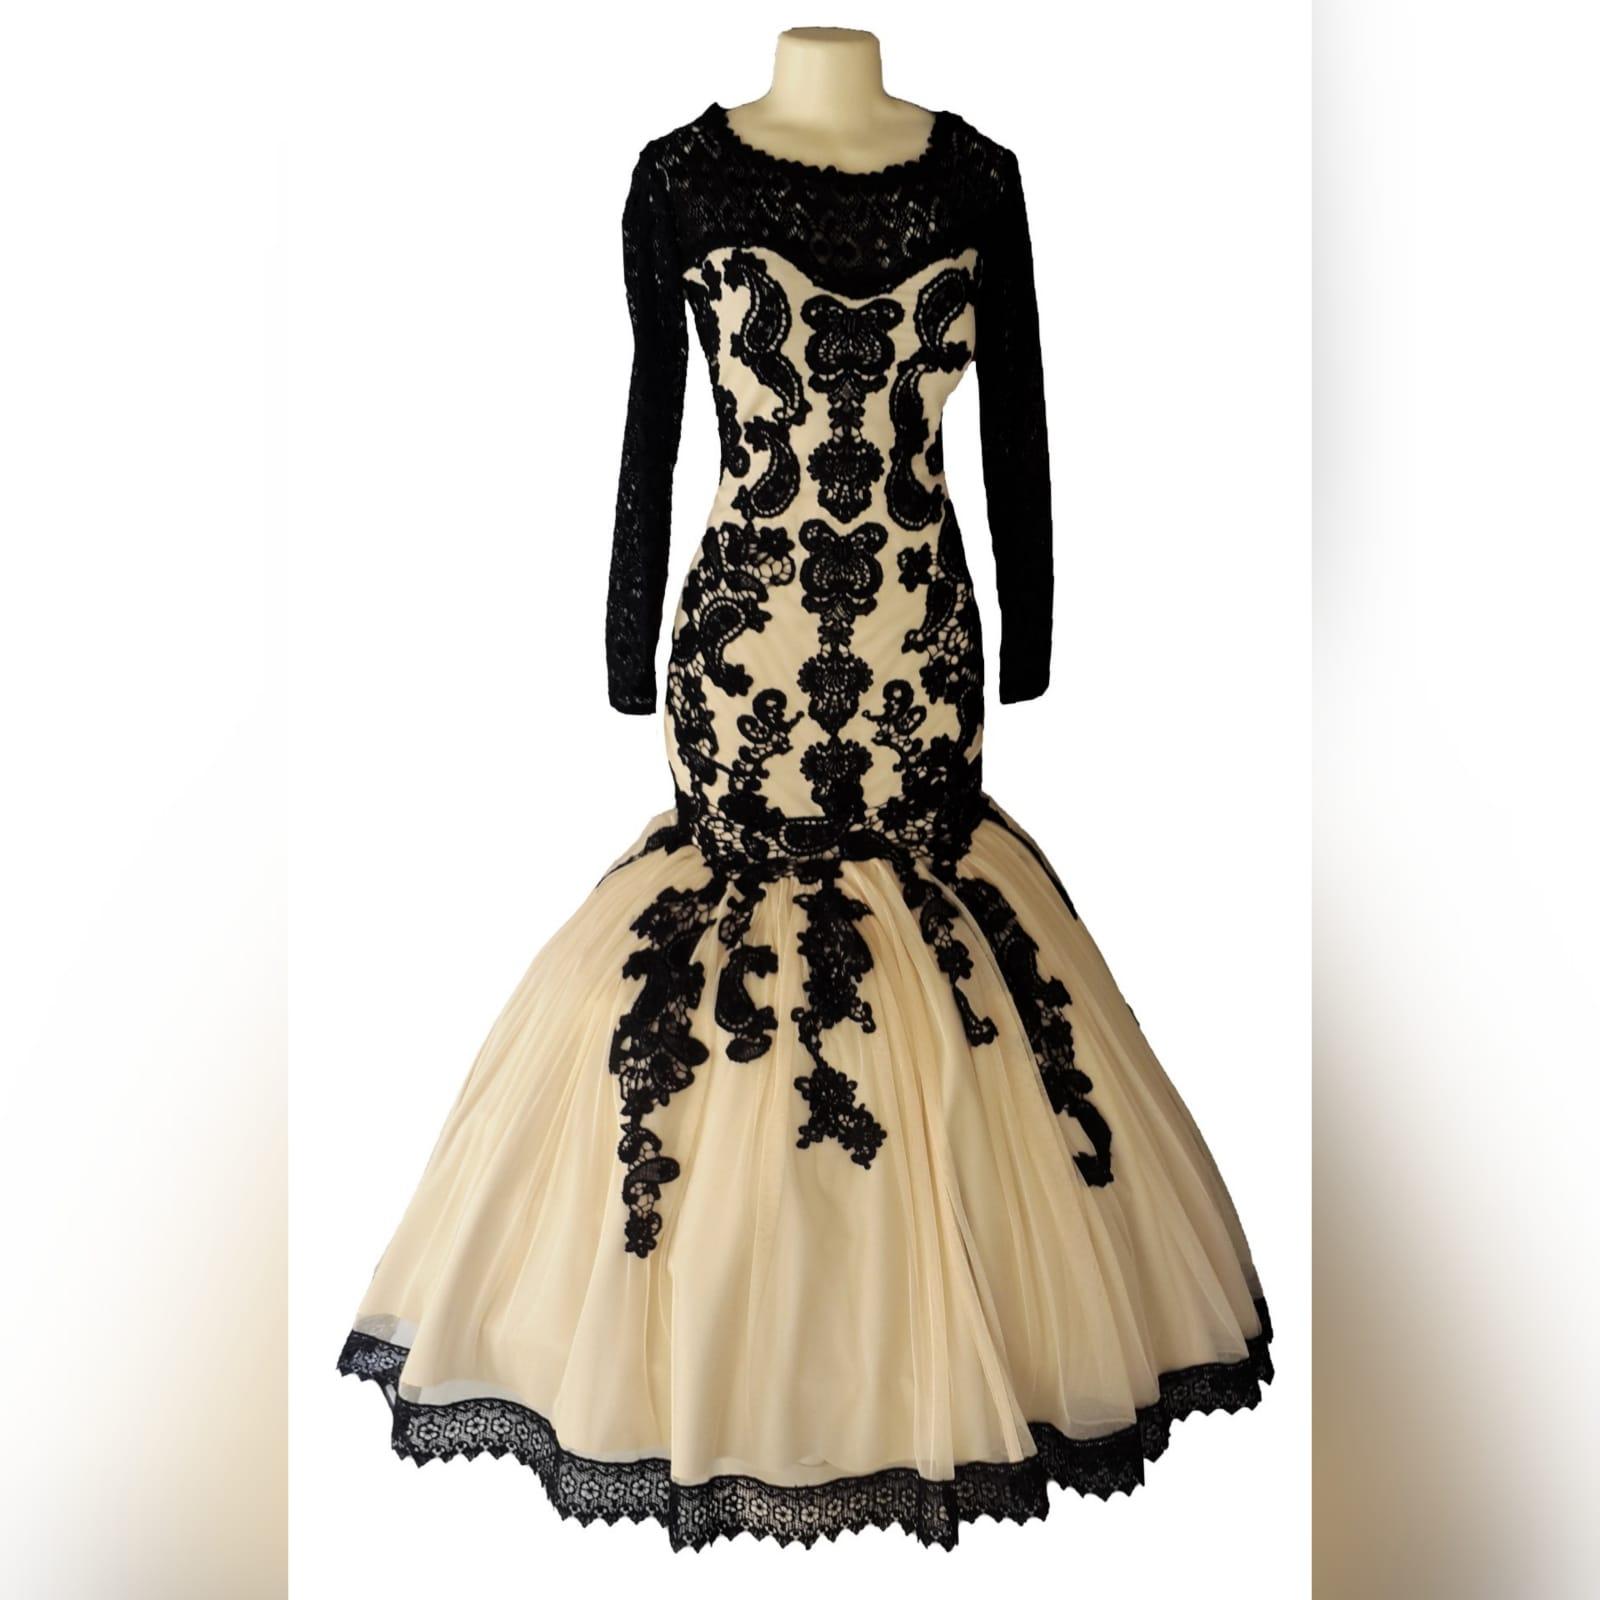 Vestido de gala sereia bege e preto 3 vestido de gala sereia bege e preto. Vestido detalhado com renda preta, decote em renda preta translucida com mangas compridas